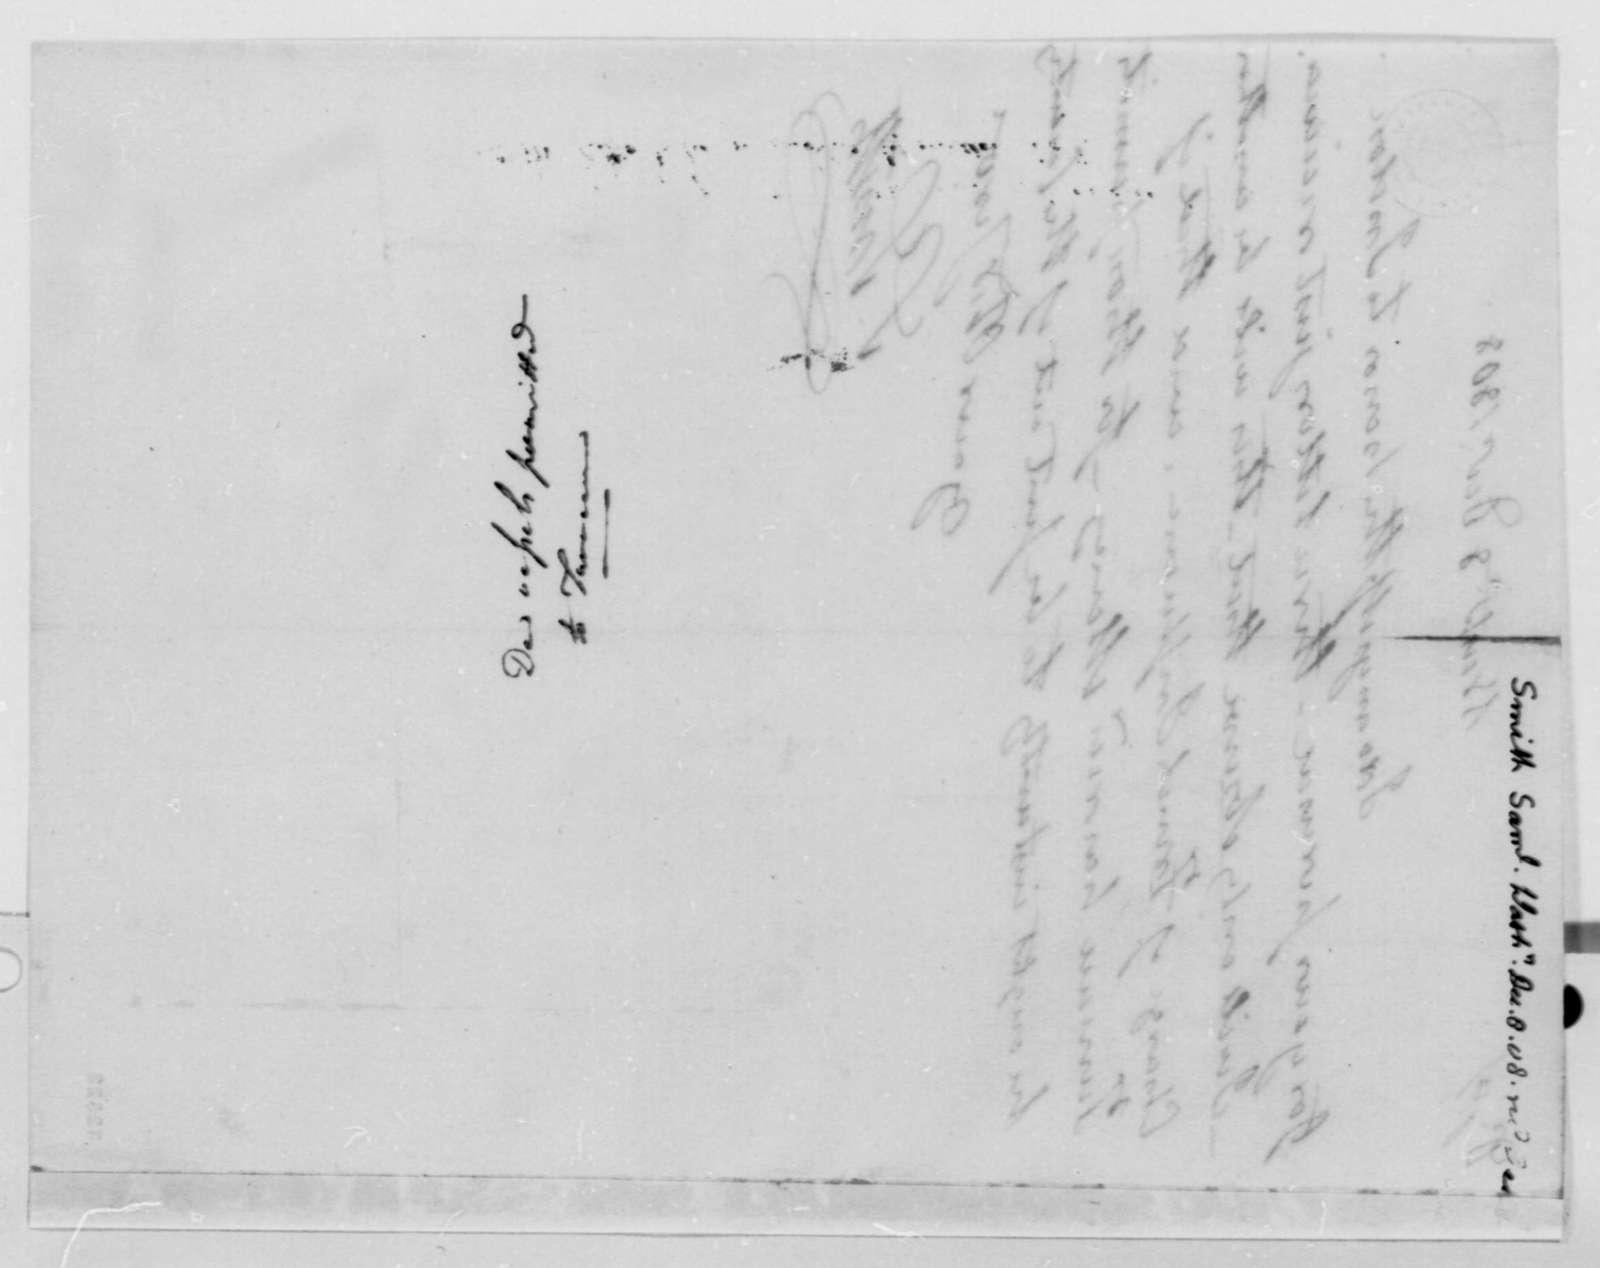 Samuel Smith to Thomas Jefferson, December 8, 1808